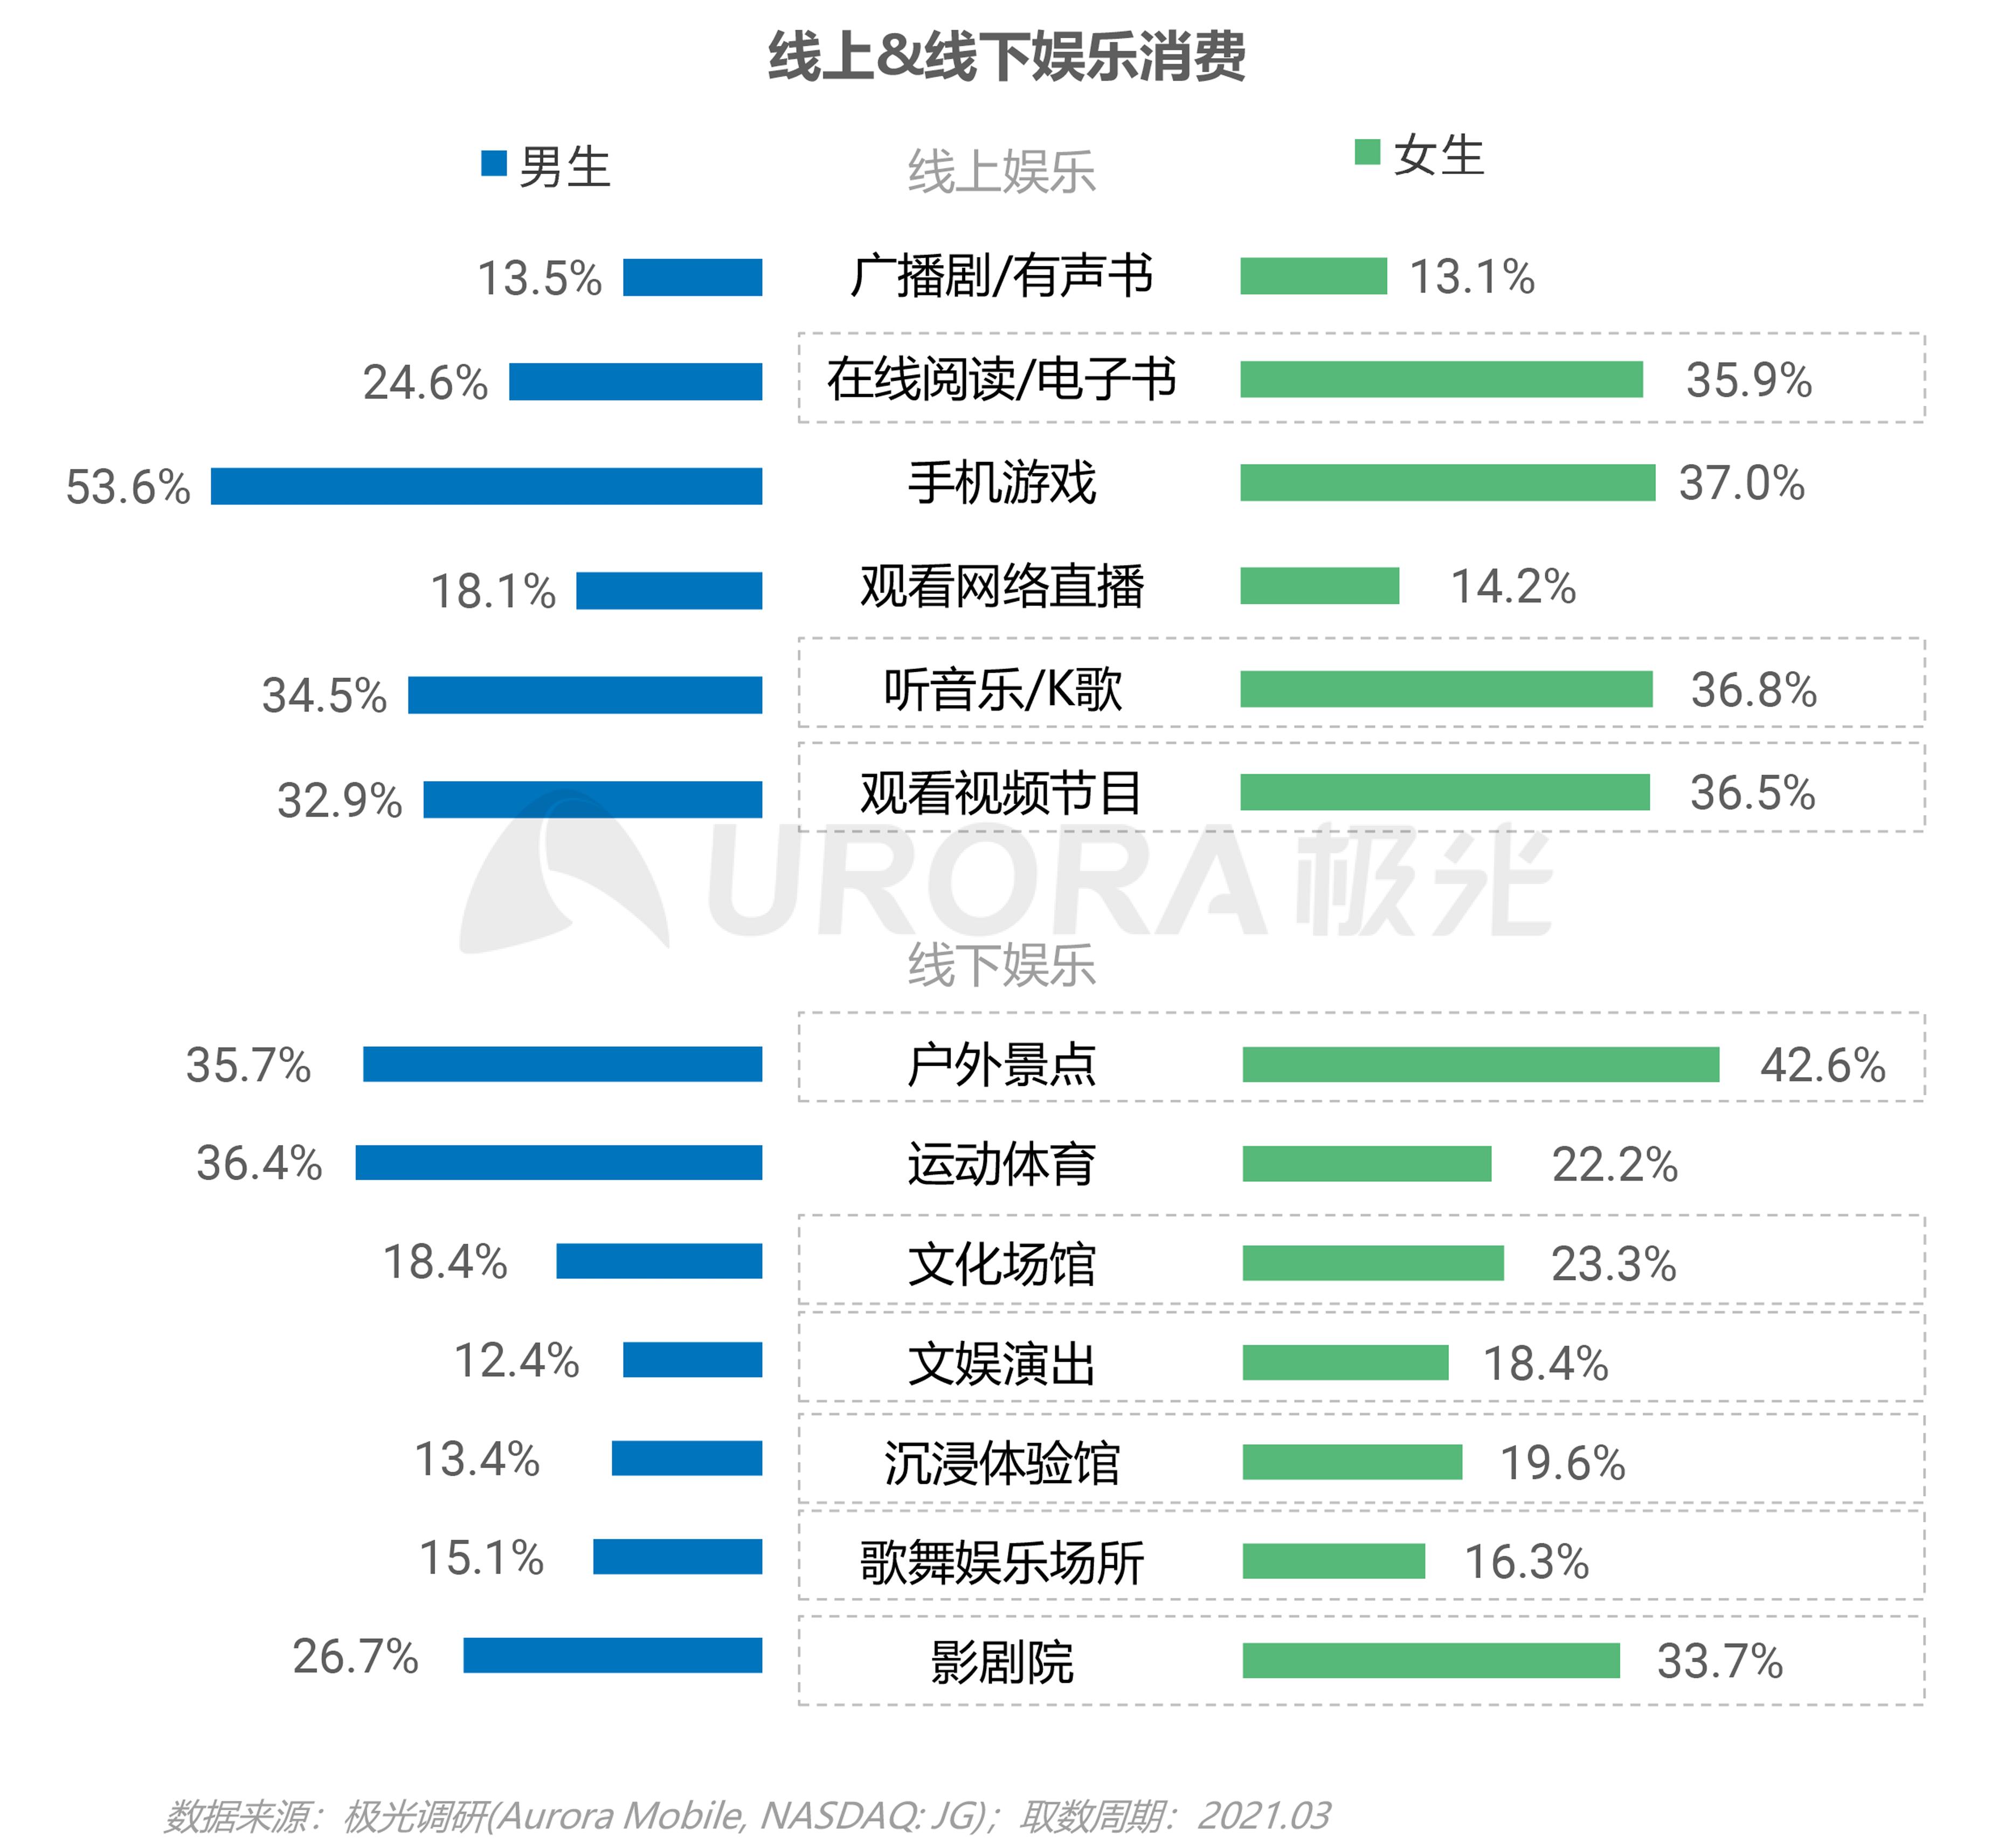 2021年轻人营销趋势研究报告【定稿】-50.png